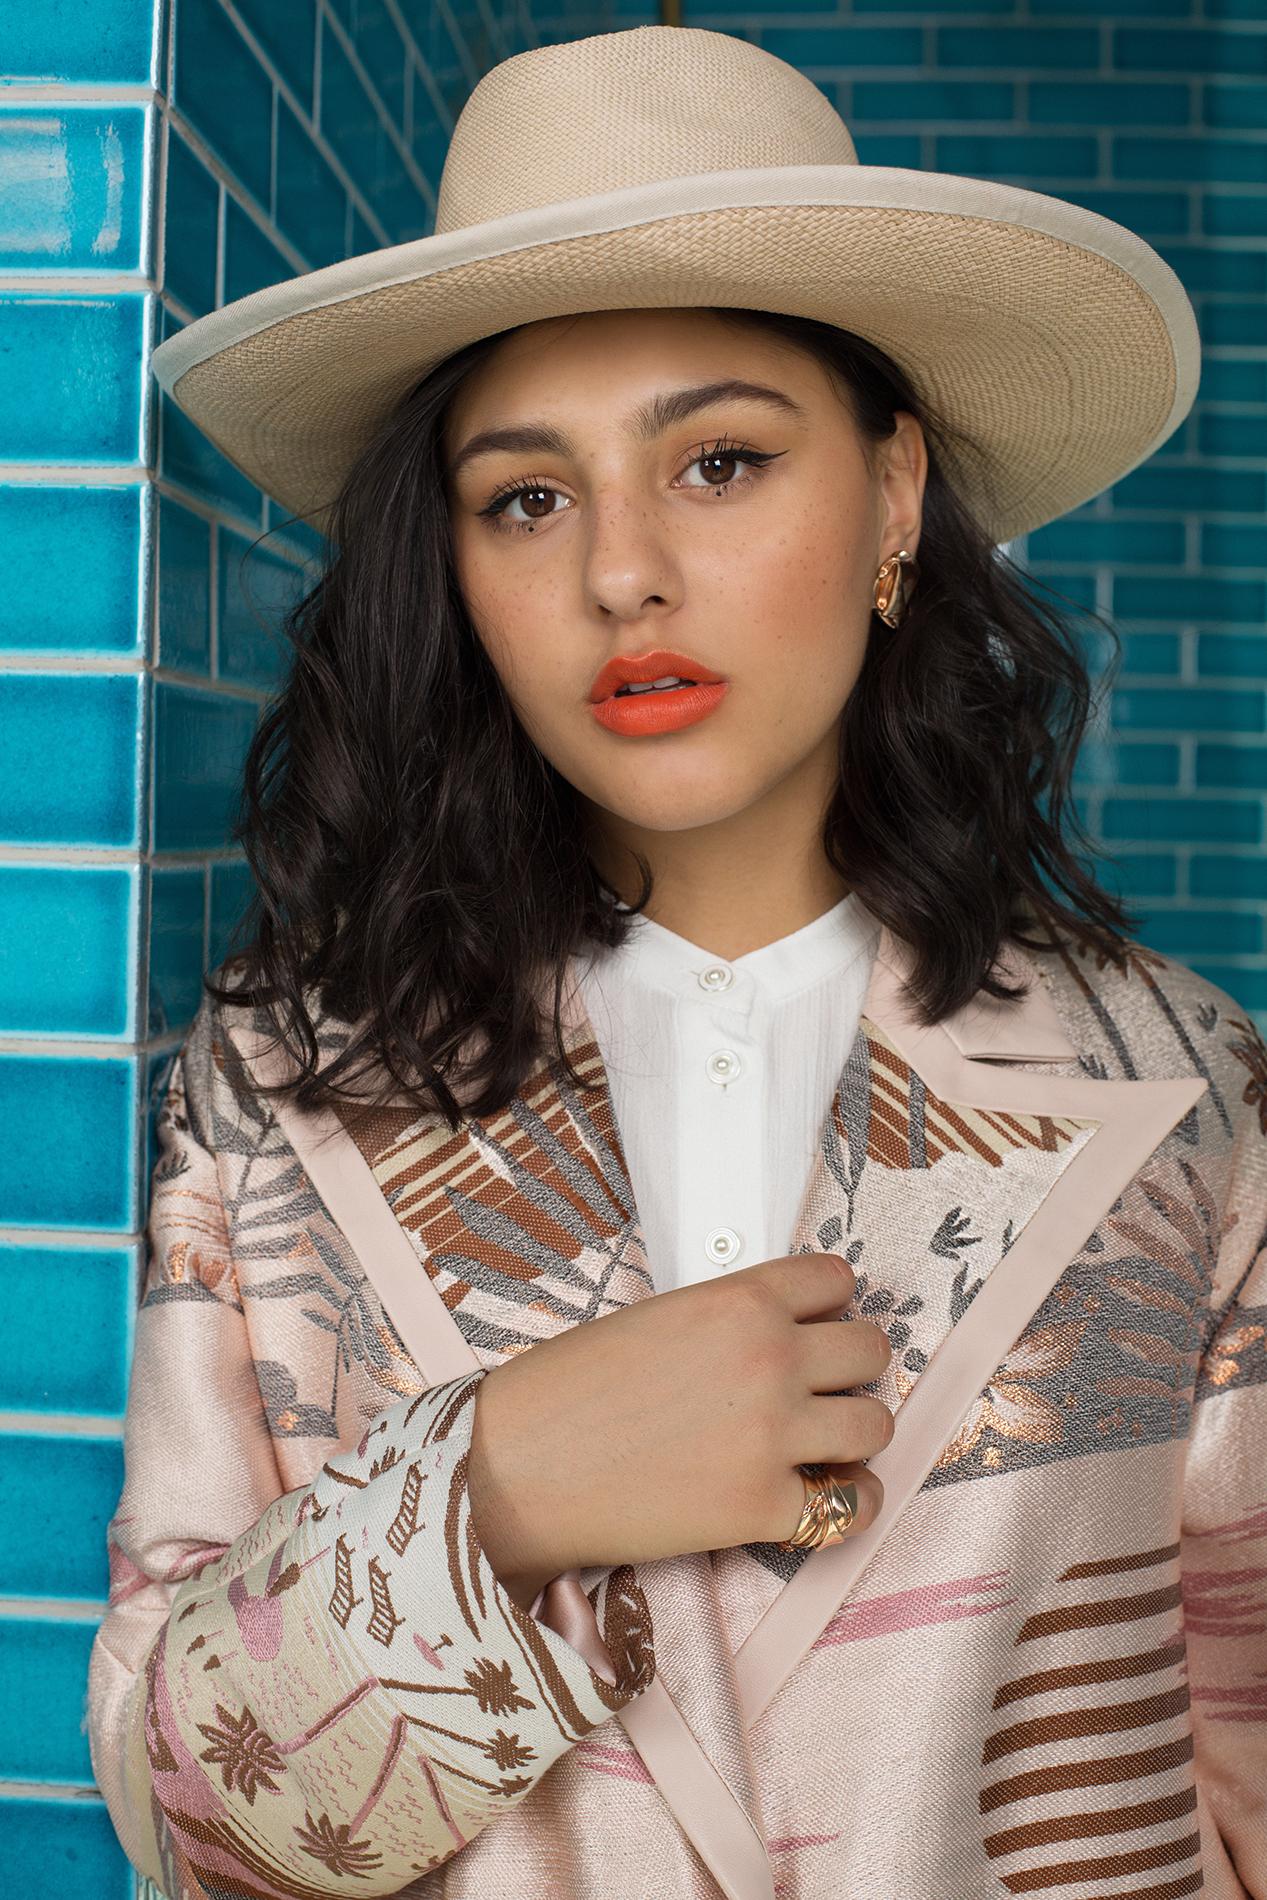 Rhianne Barreto for Bust Magazine